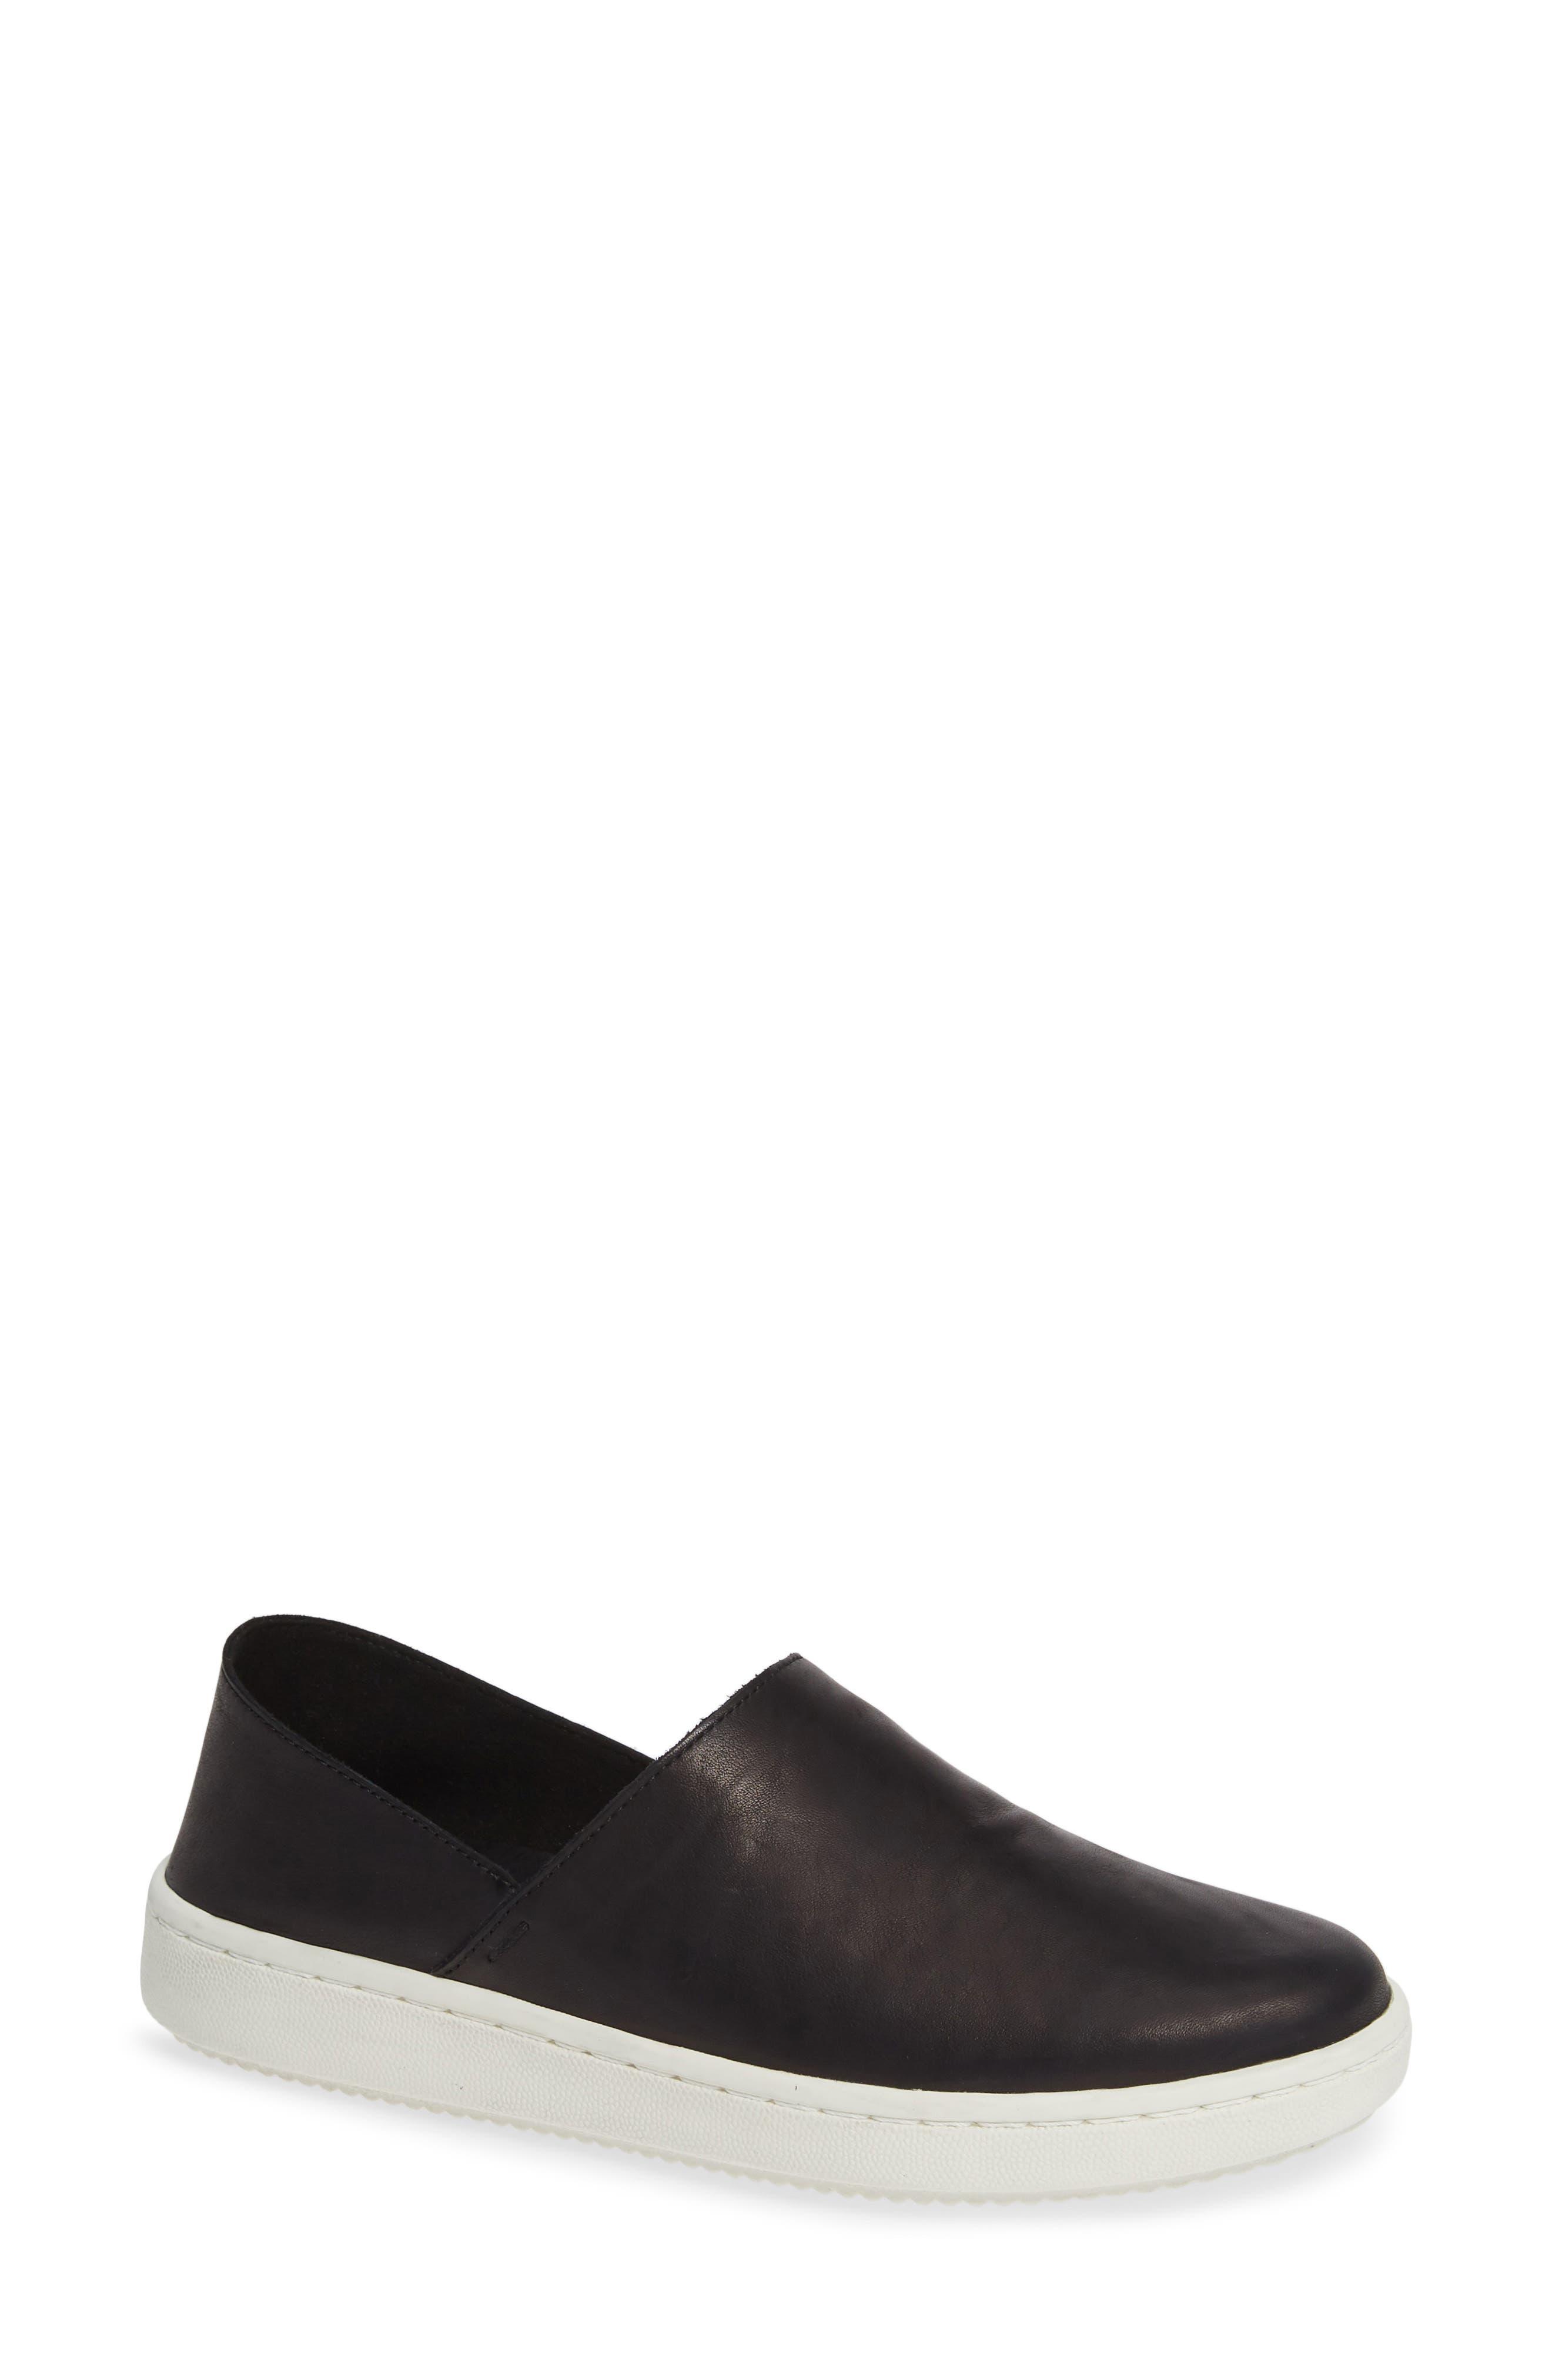 Eileen Fisher Panda Ii Slip-On Sneaker, Black